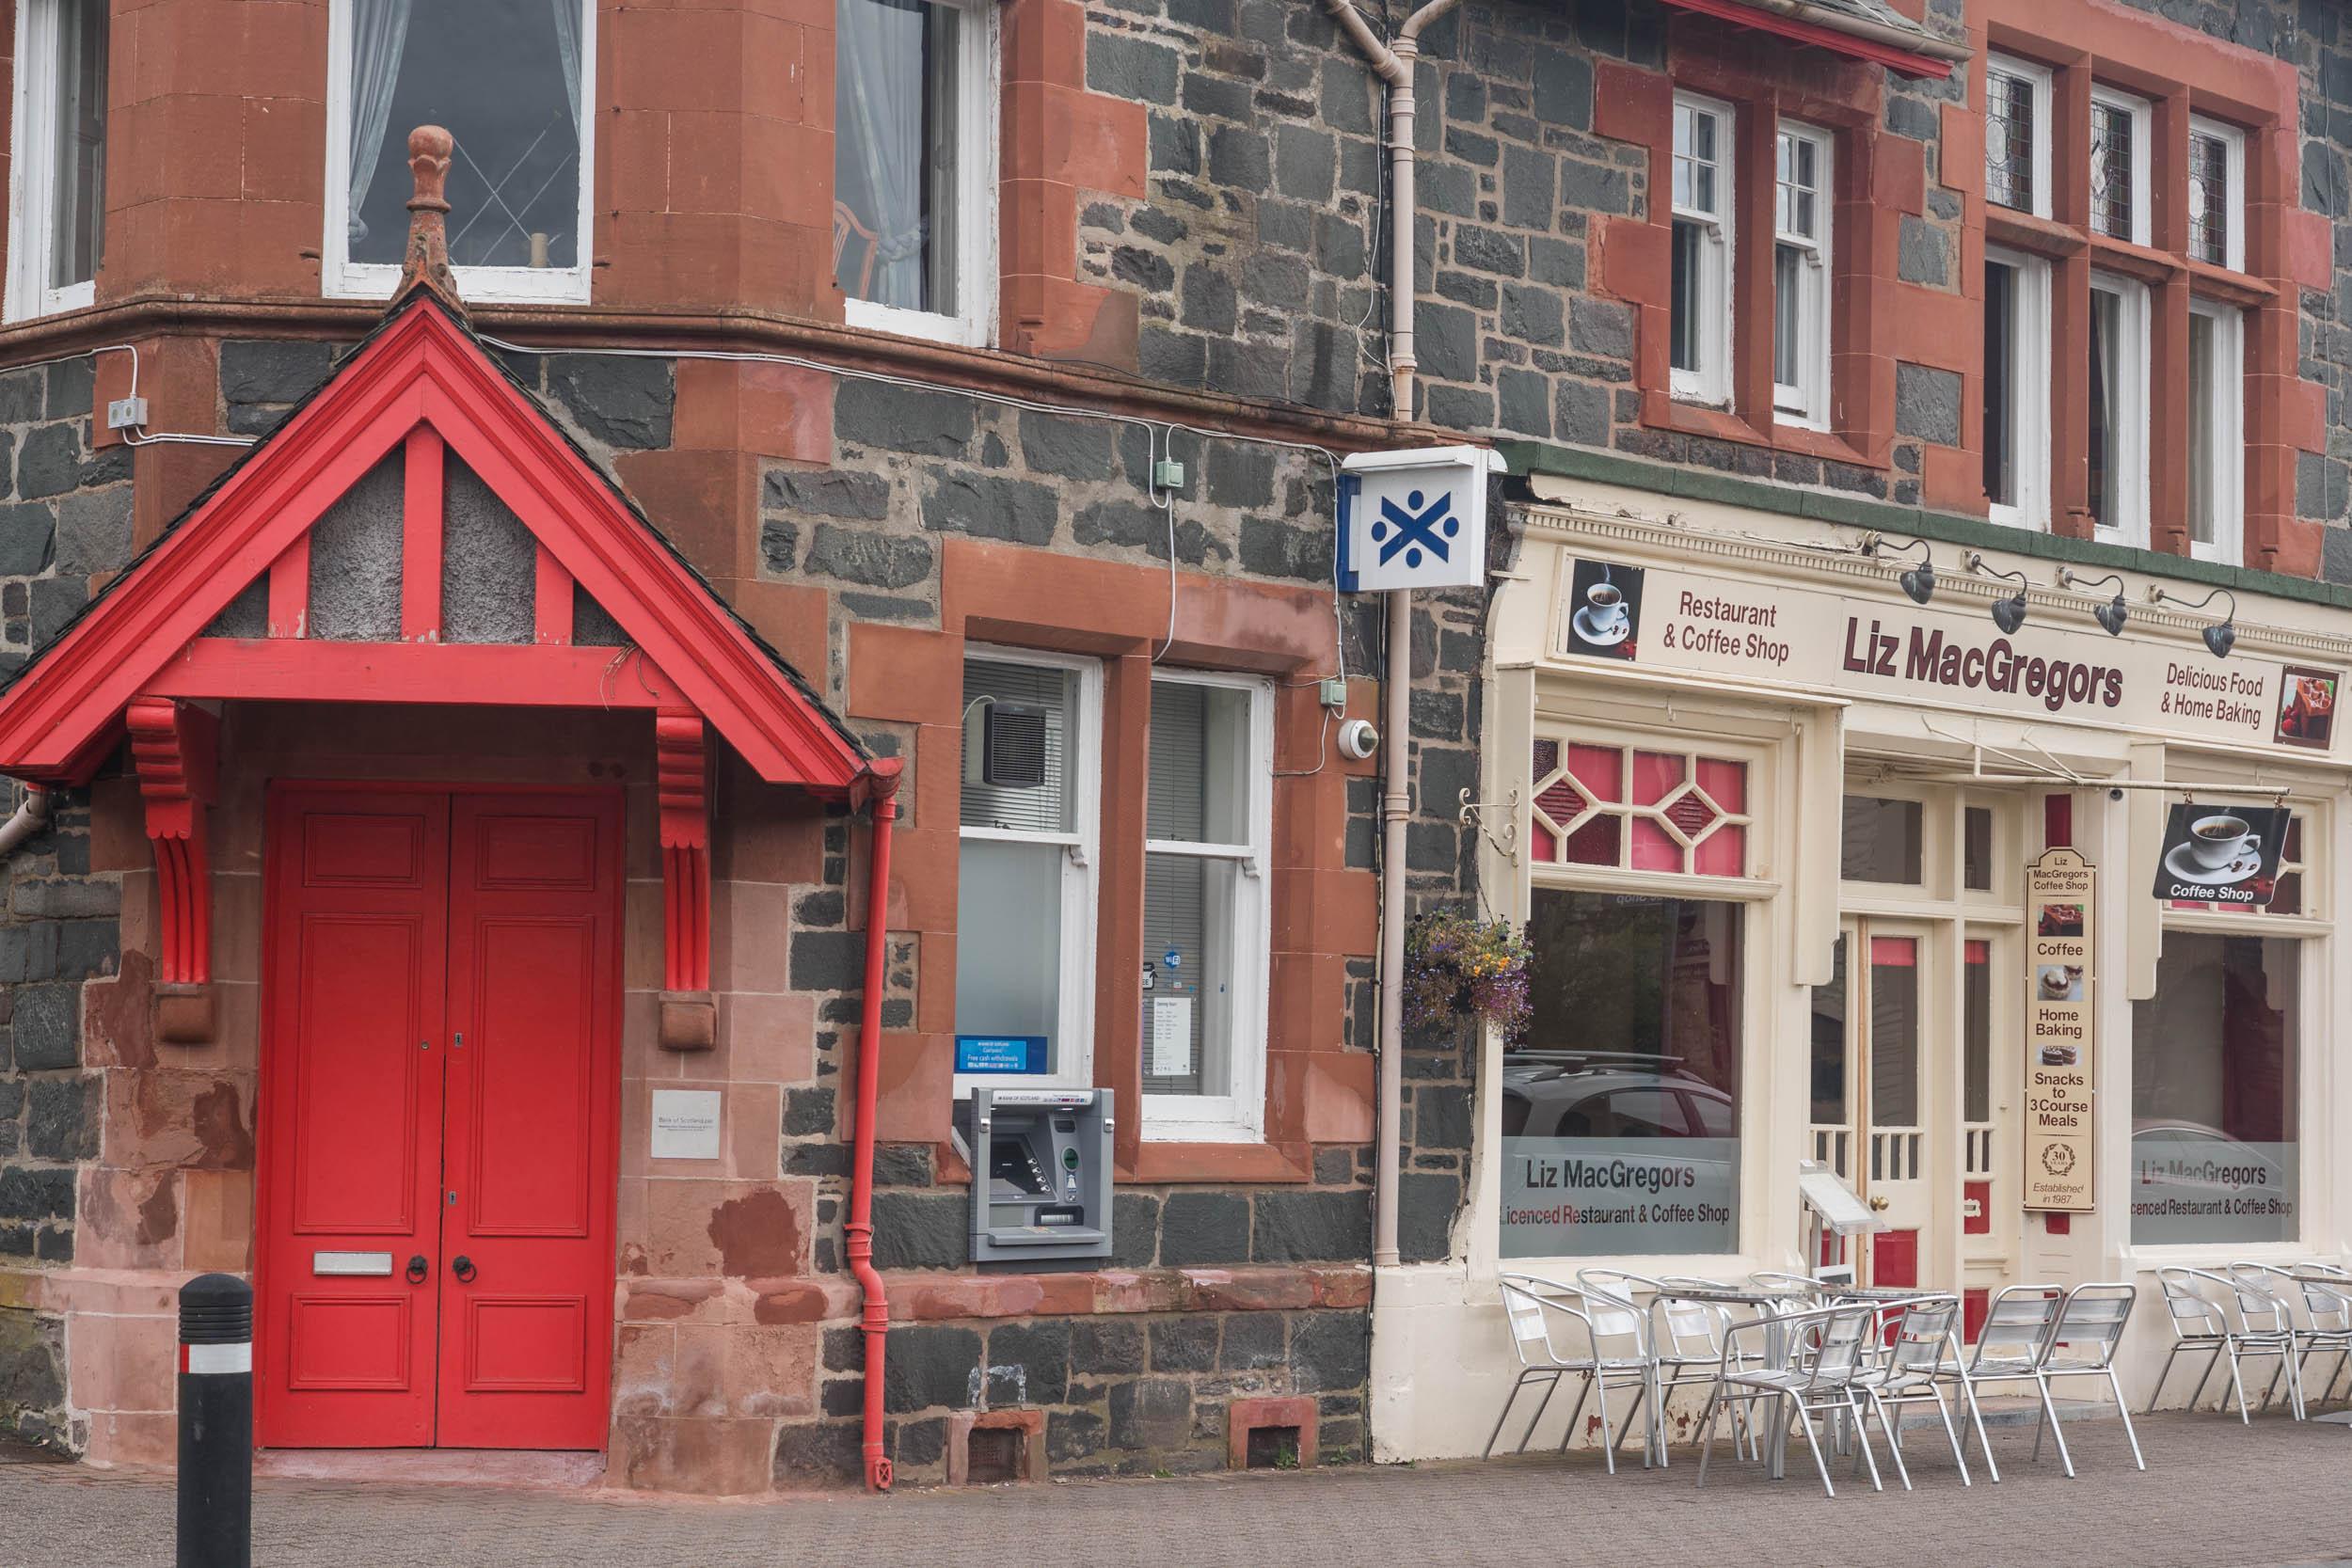 Liz MacGregor's Restaurant & Coffee Shop